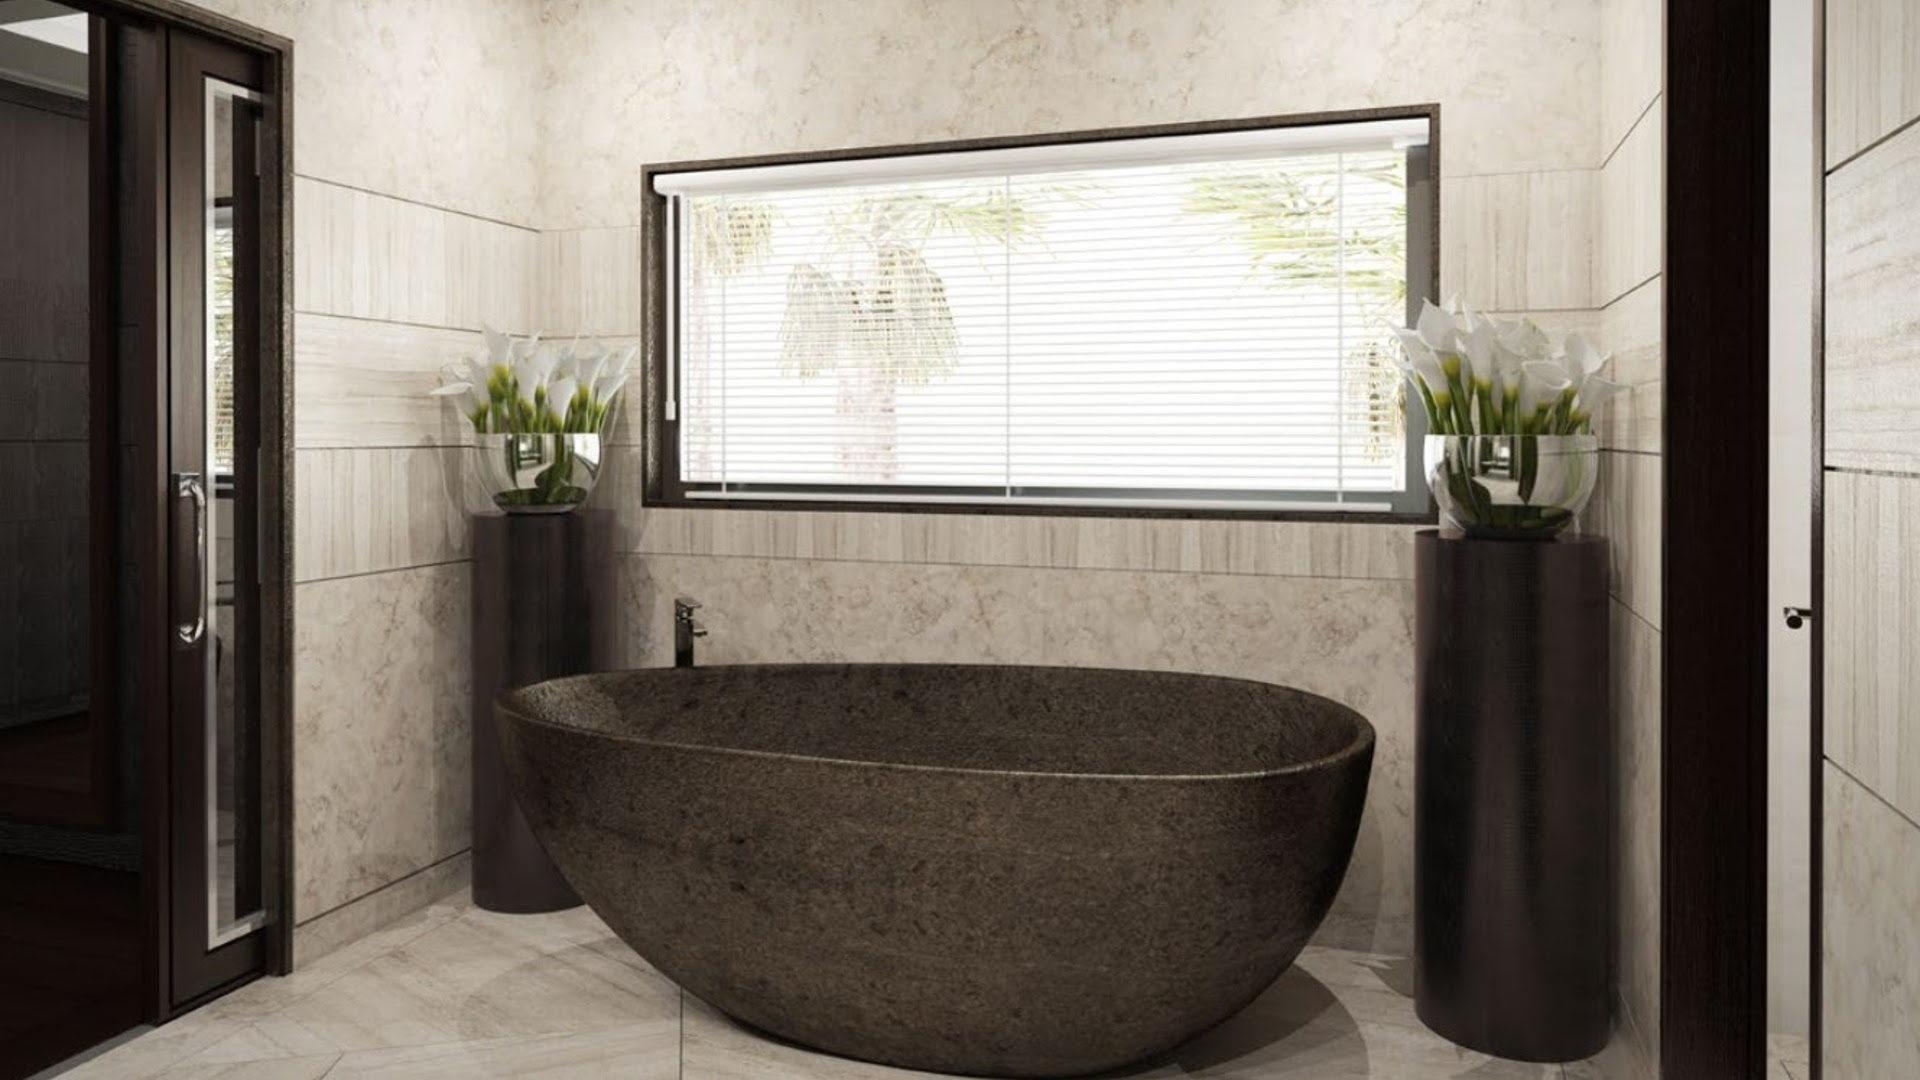 Vasche da bagno in pietra pietre di rapolano - Vasca da bagno in pietra ...